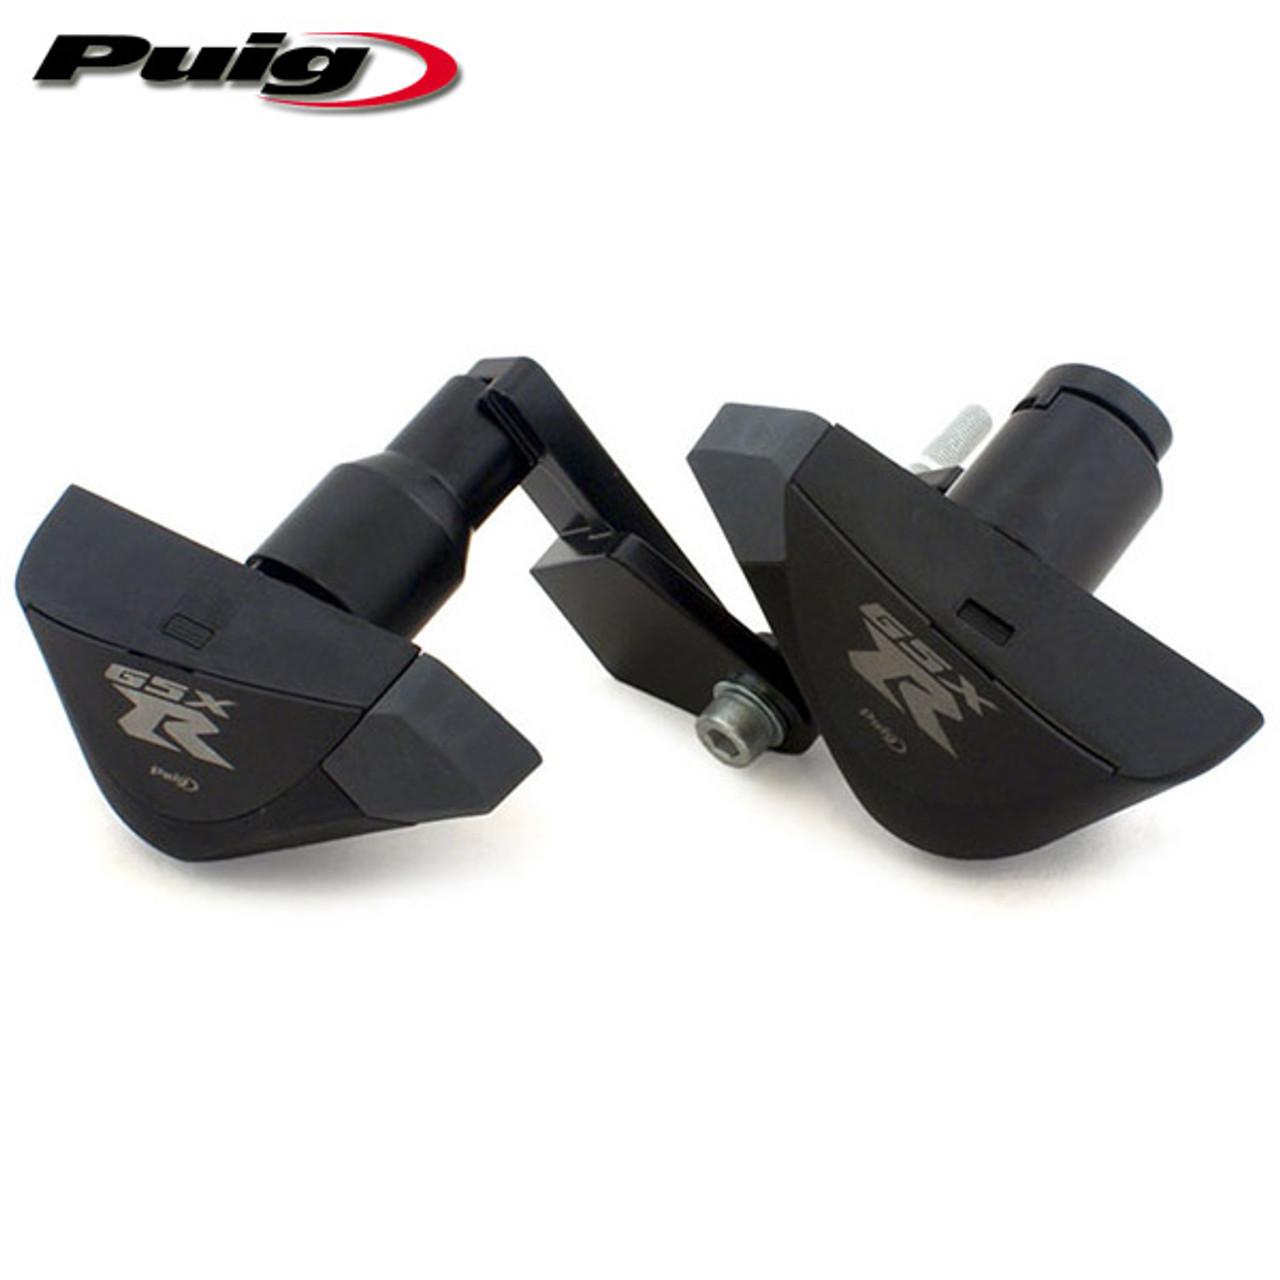 Puig PRO Frame Sliders Suzuki GSXR600/750 08-10 - Sportbike Track Gear